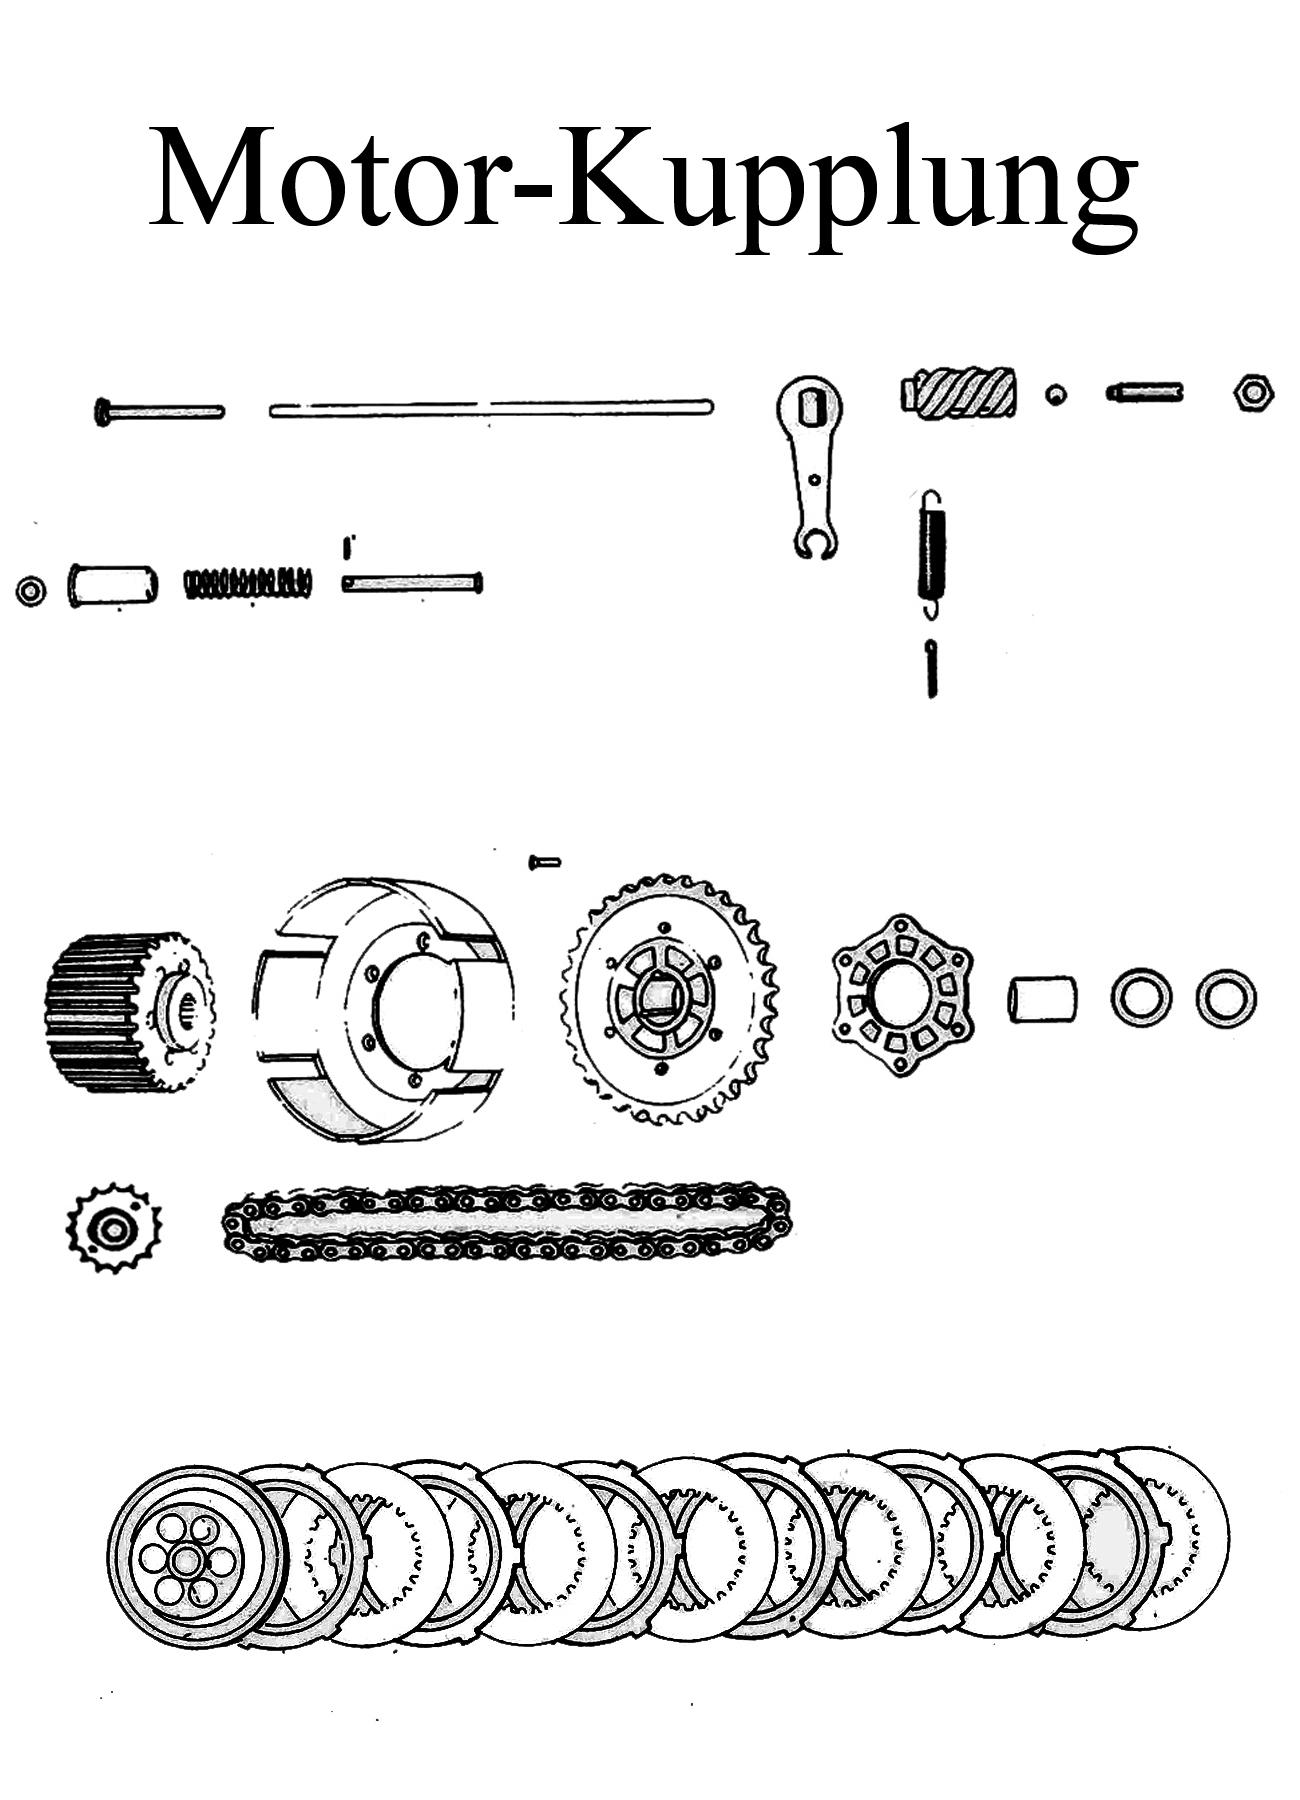 MZ TS 125 150 Ersatzteile Motor Kupplung